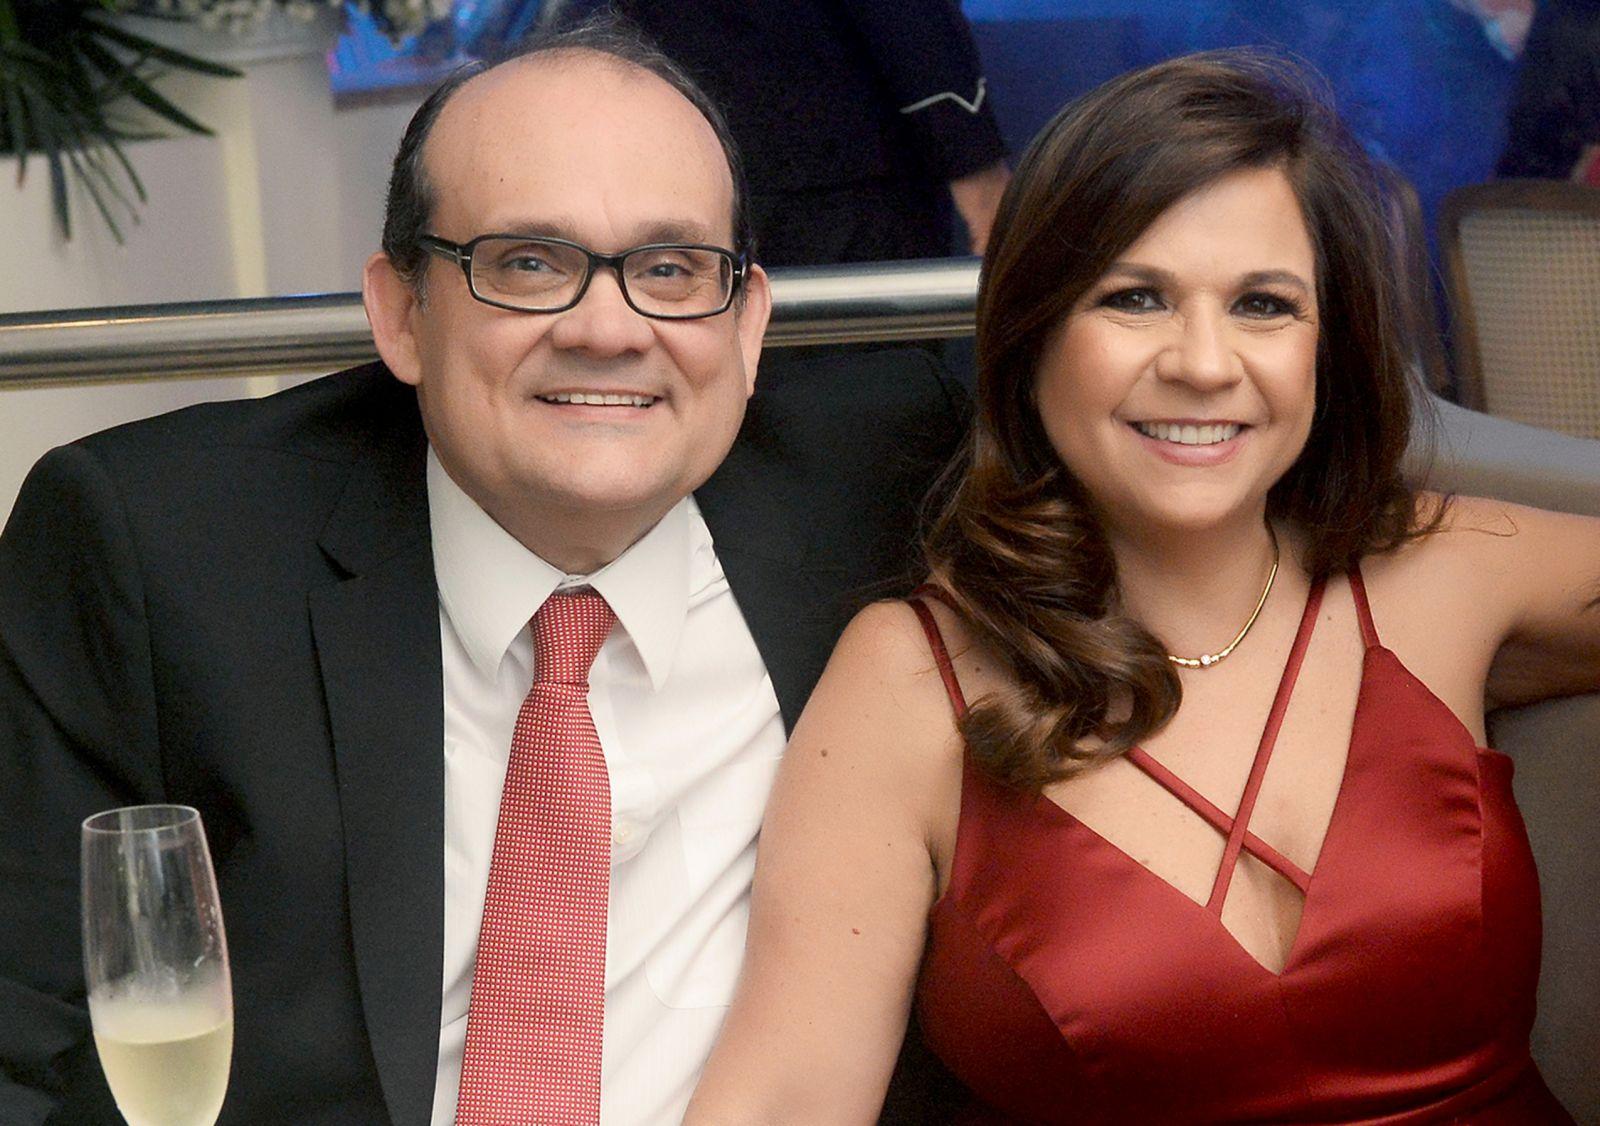 Ademar Lemos é o famoso aniversariante de hoje, na fotos ele está com a esposa Verônica Lemos